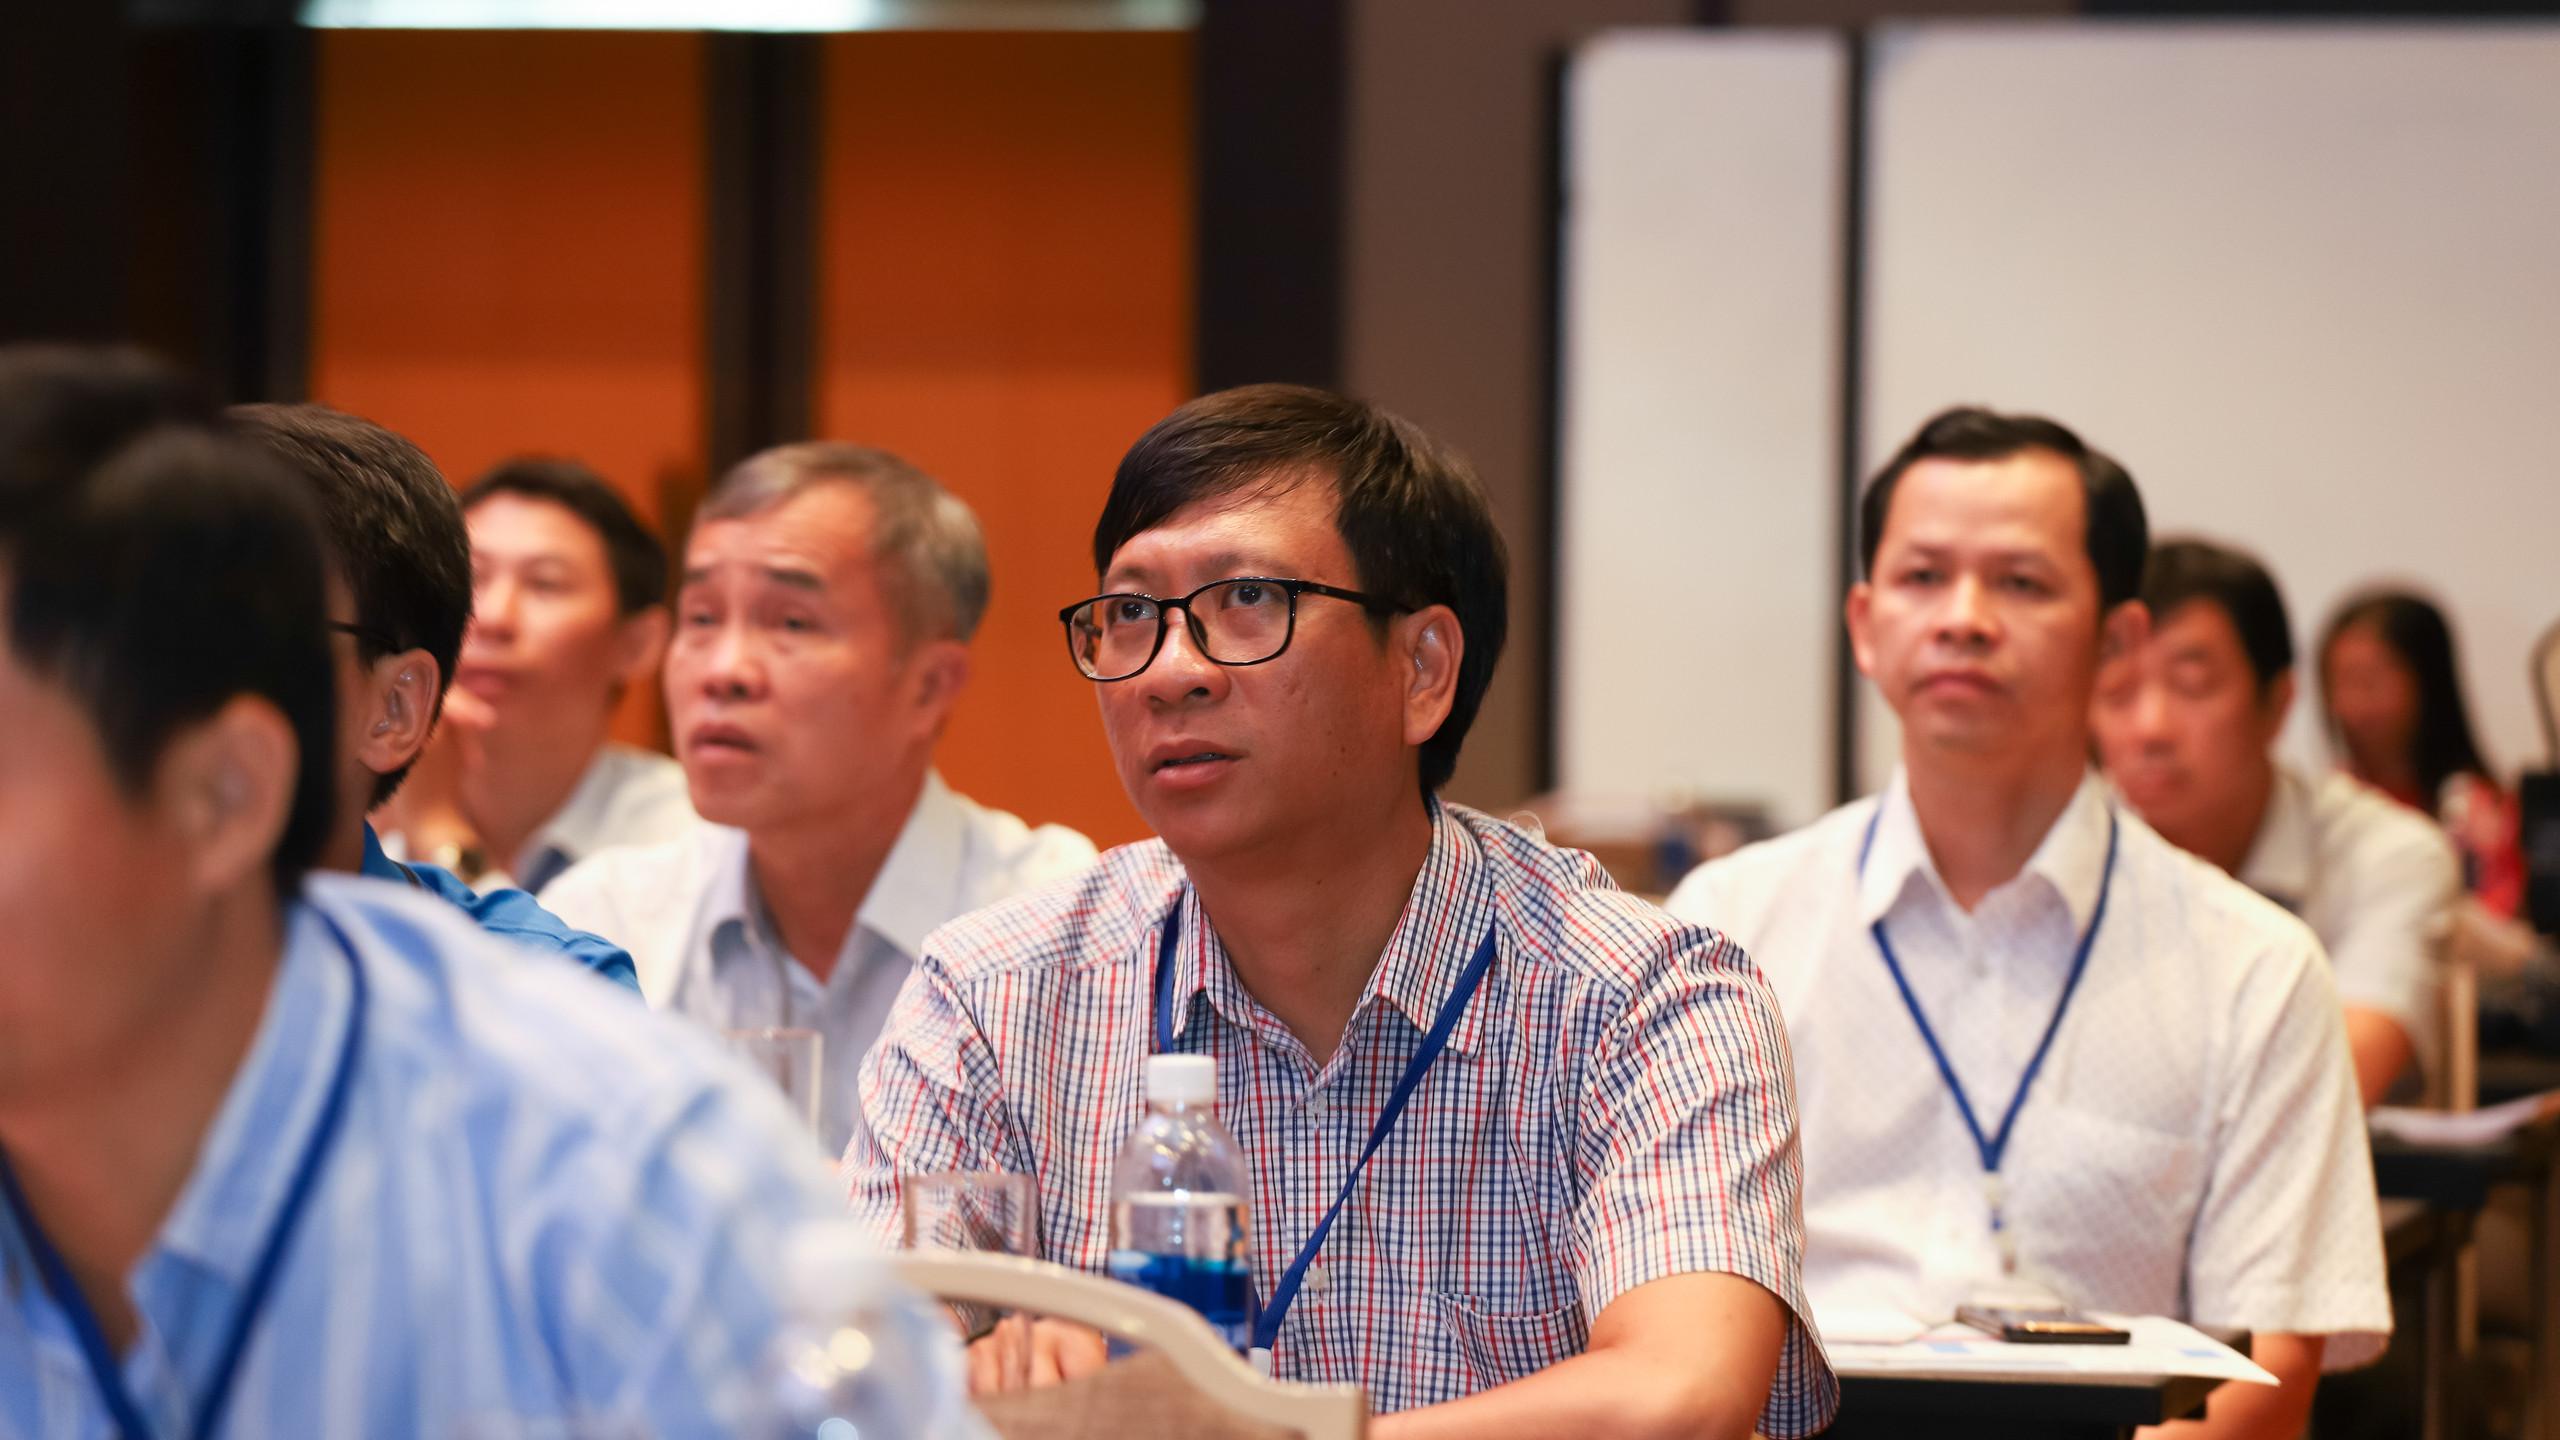 Các cán bộ, kỹ sư trong lĩnh vực dầu khí, hóa chất và các ngành liên quan đến thiết bị phòng nổ Ex tham dự hội thảo. (Ảnh: Trainor)